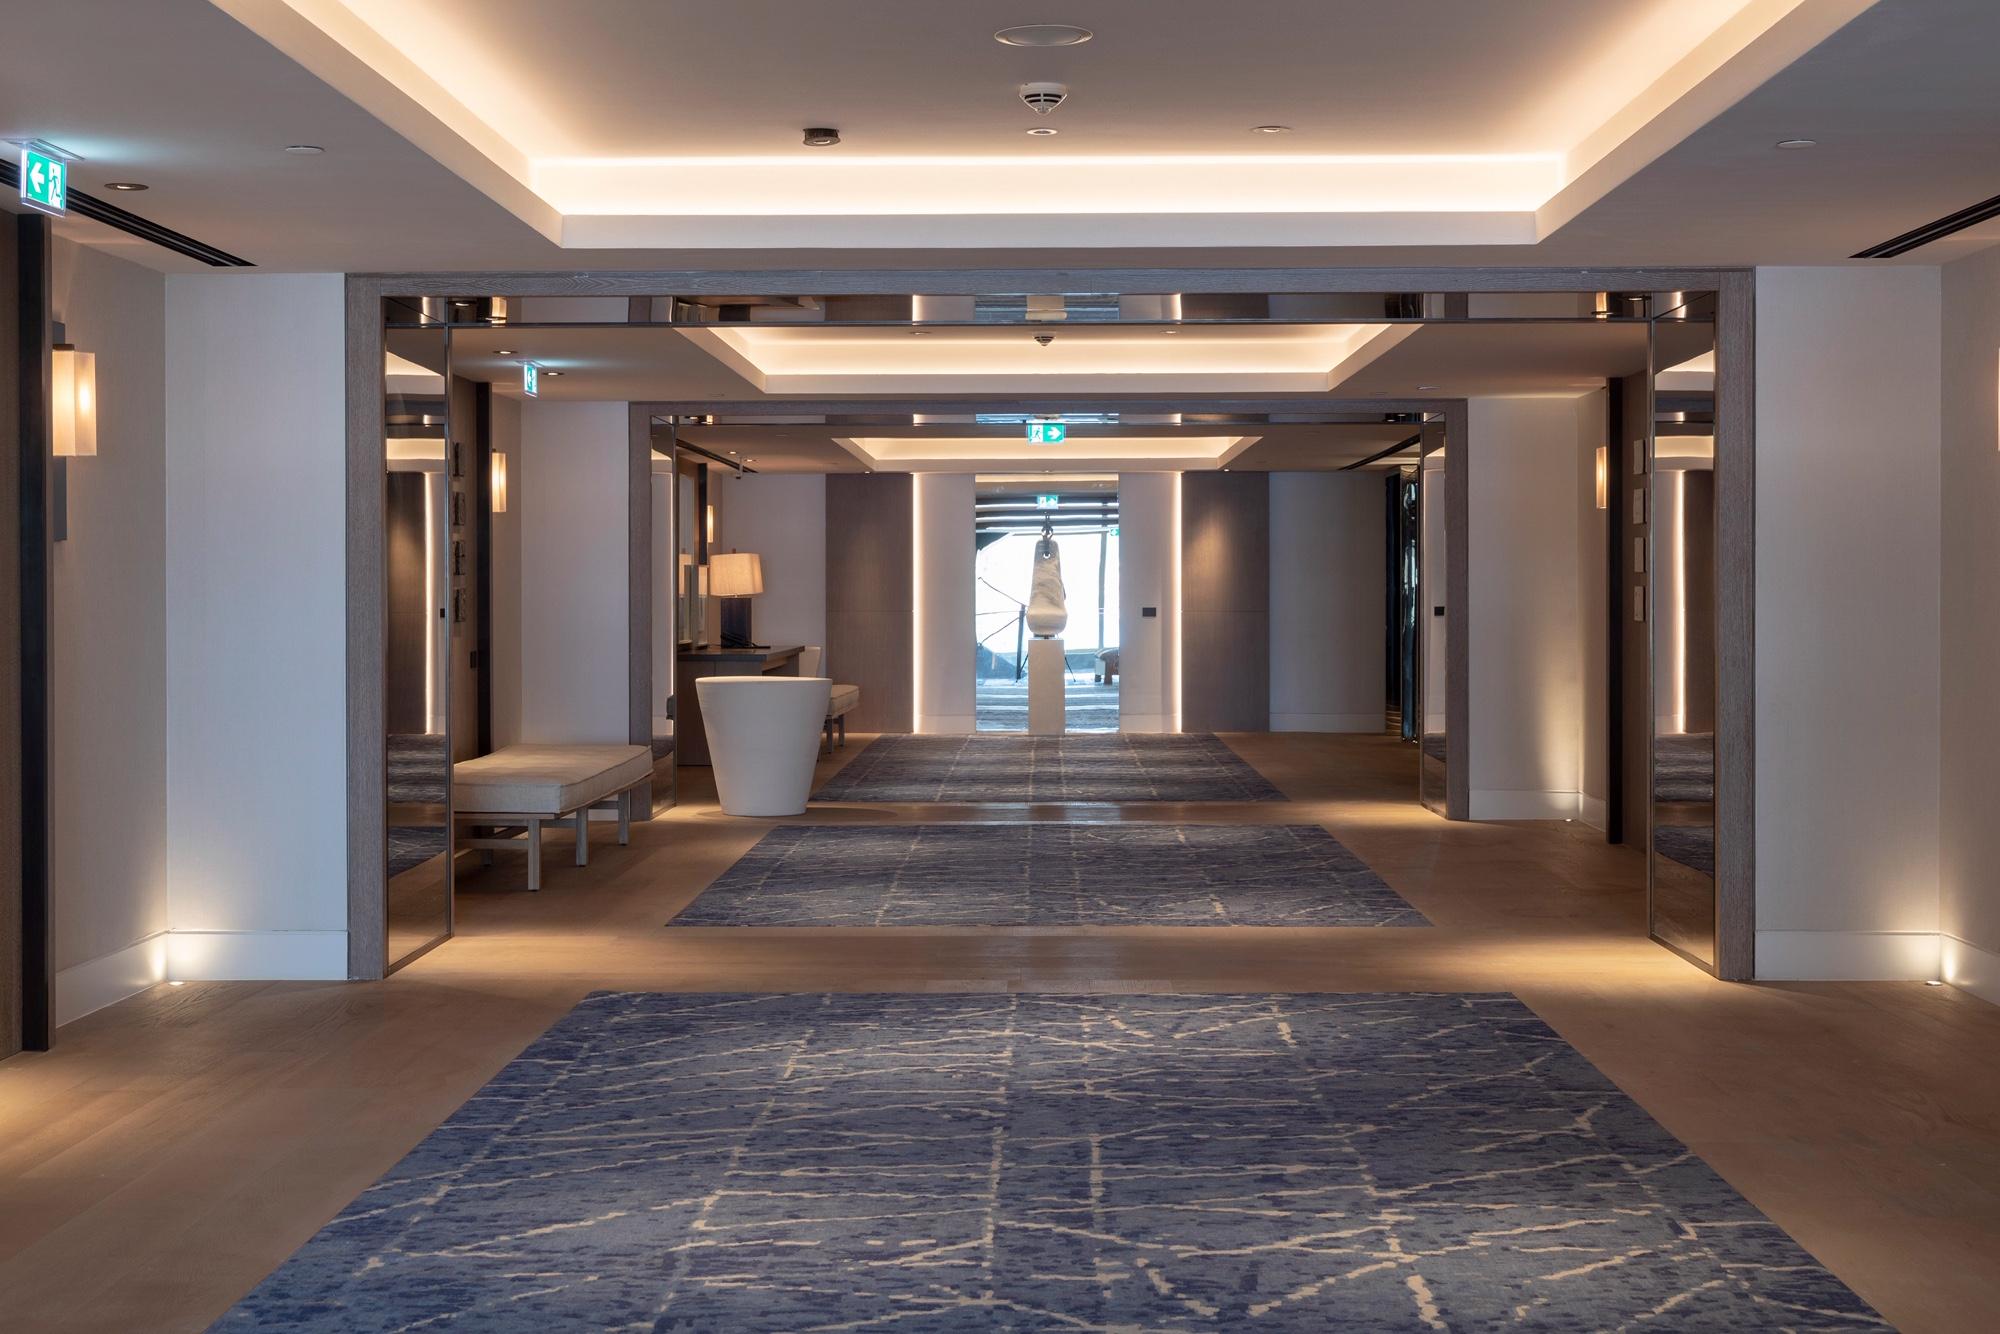 Παγκόσμια διάκριση για το έργο ανακαίνισης και μετατροπής του Αστέρα Βουλιαγμένης σε Four Seasons Astir Palace Hotel Athens